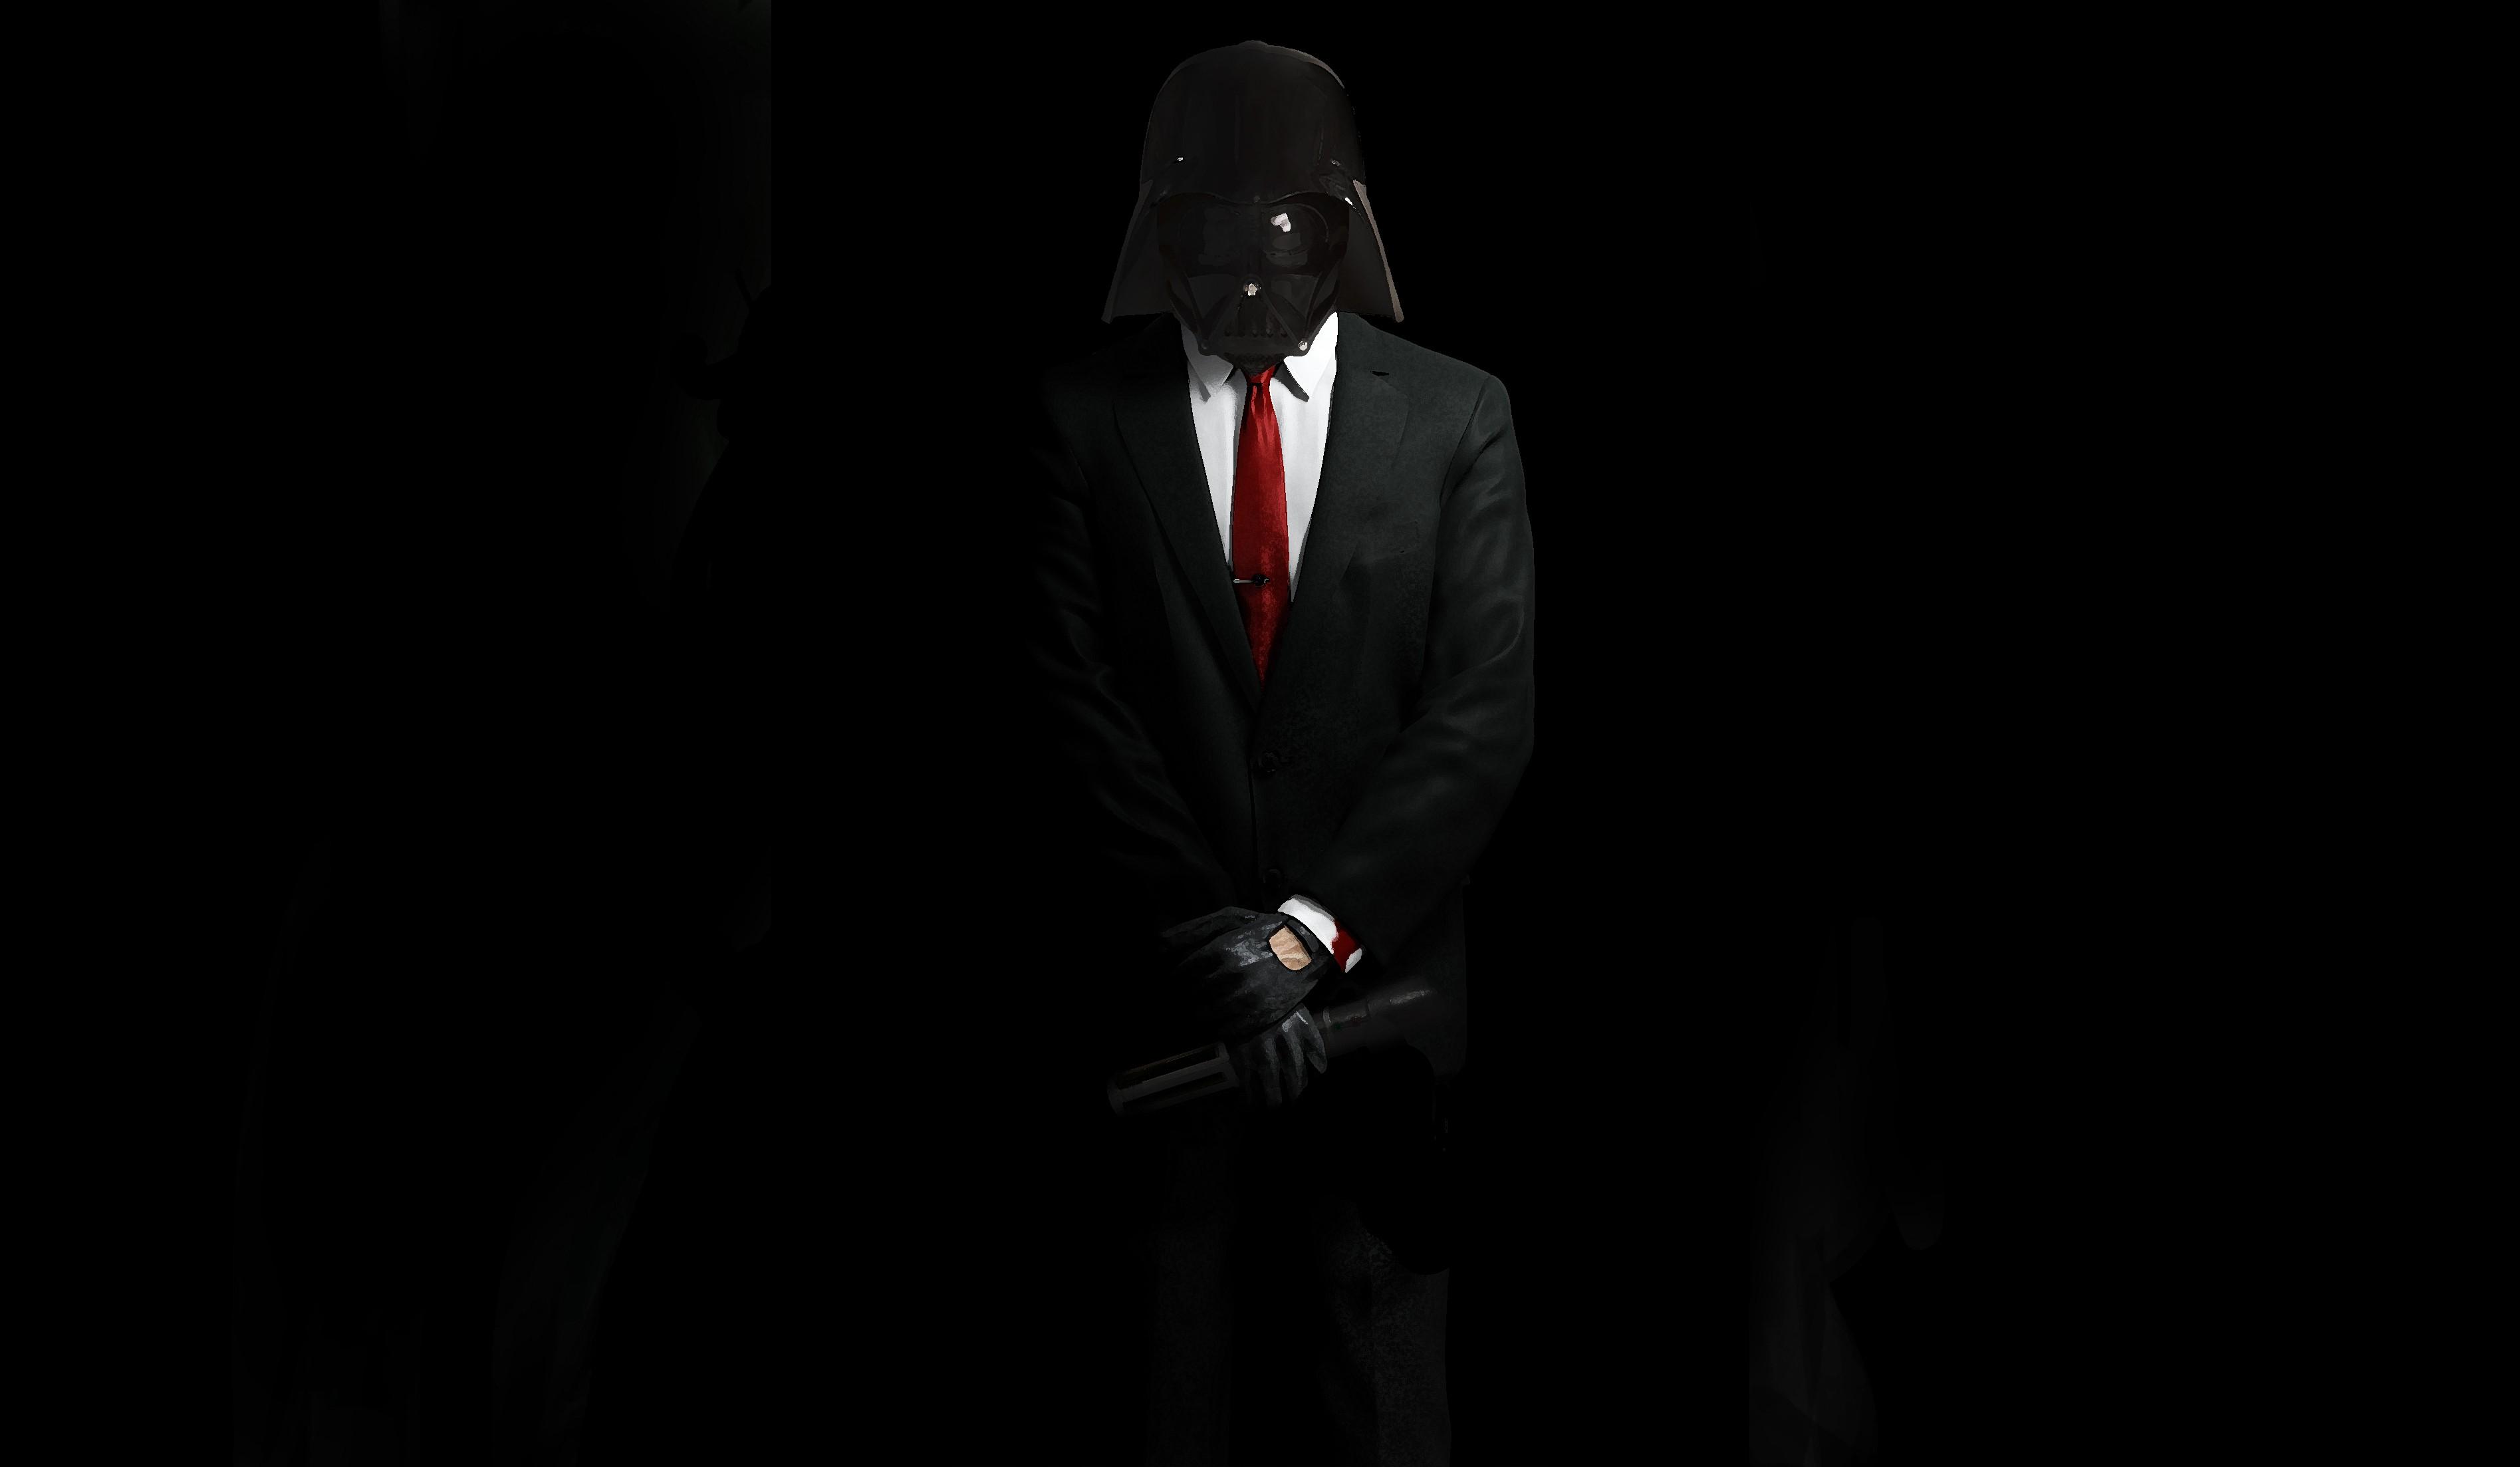 dark darth vader wallpaper